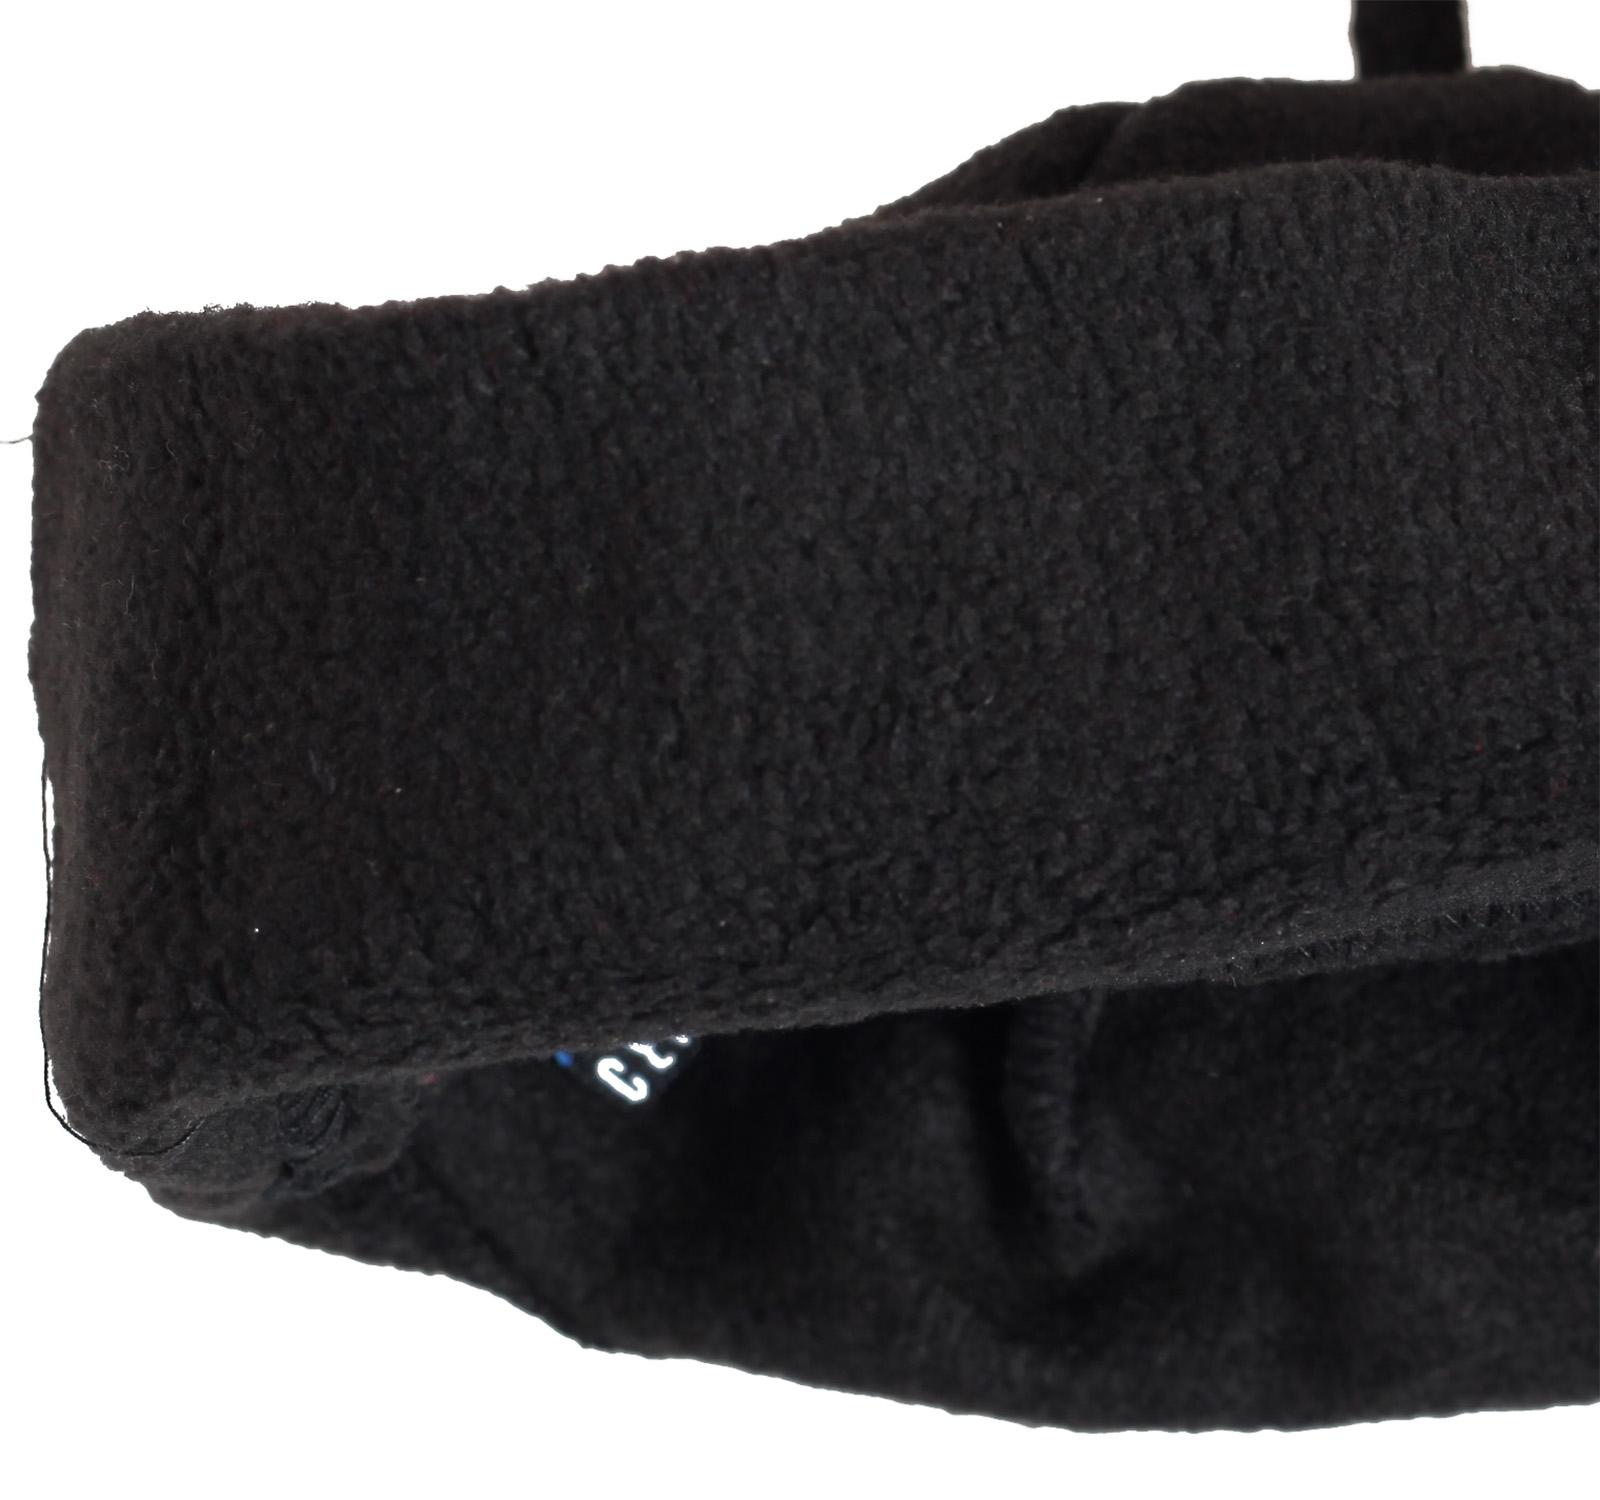 Купить зимнюю флисовую мужскую шапку с задорной кисточкой утепленную флисом по лучшей цене